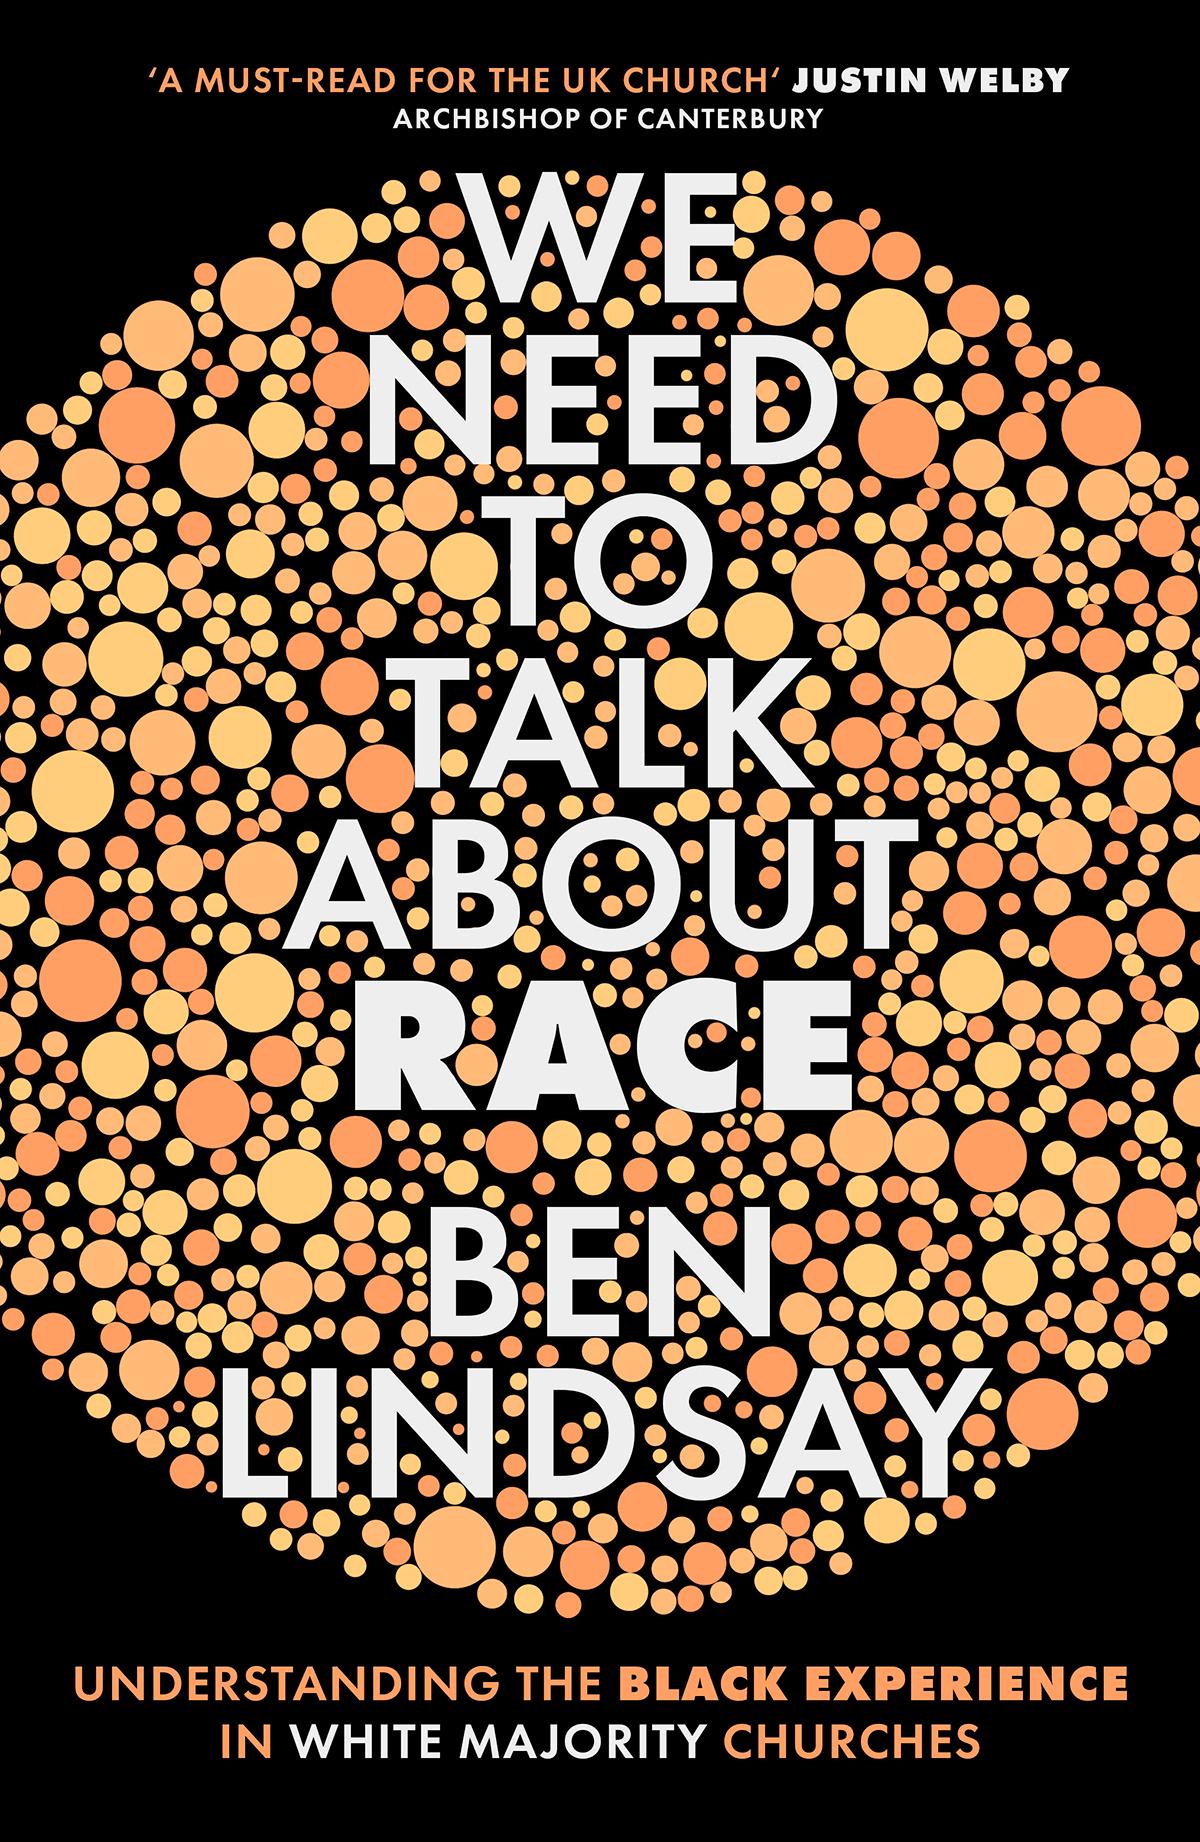 By Ben Lindsay